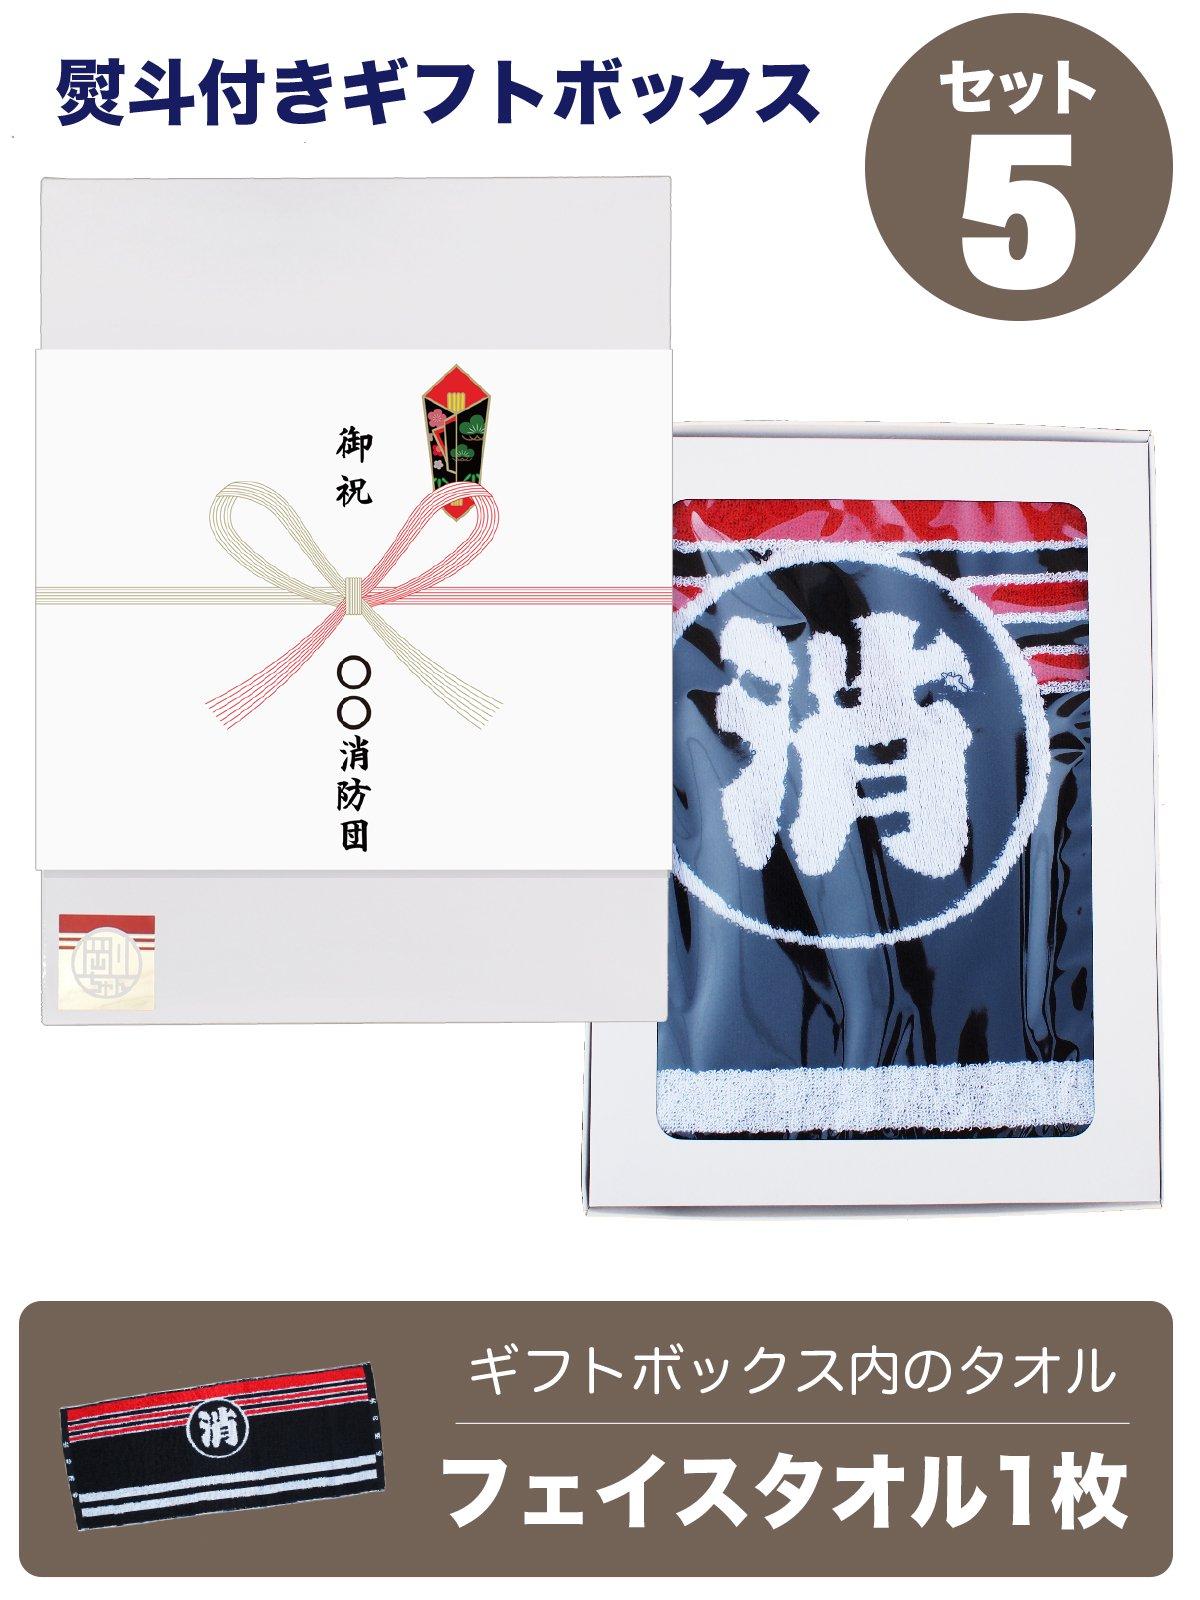 消防団法被デザインタオル用熨斗・ギフトボックス【単品購入不可】【画像8】